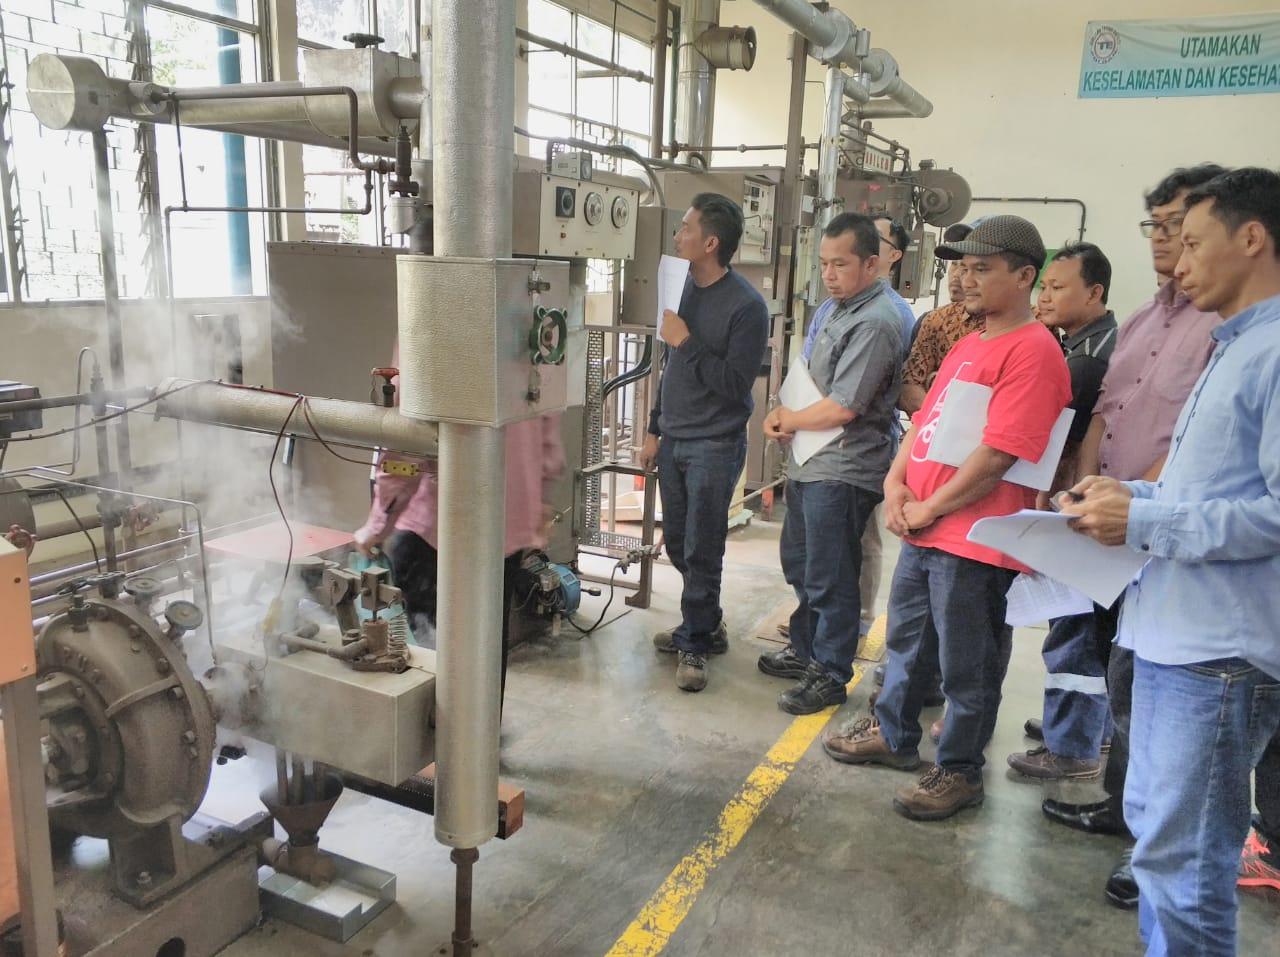 Pelatihan K3 Operator Boiler Kelas I & 2 Publik, 11 s.d 16 Februari 2019